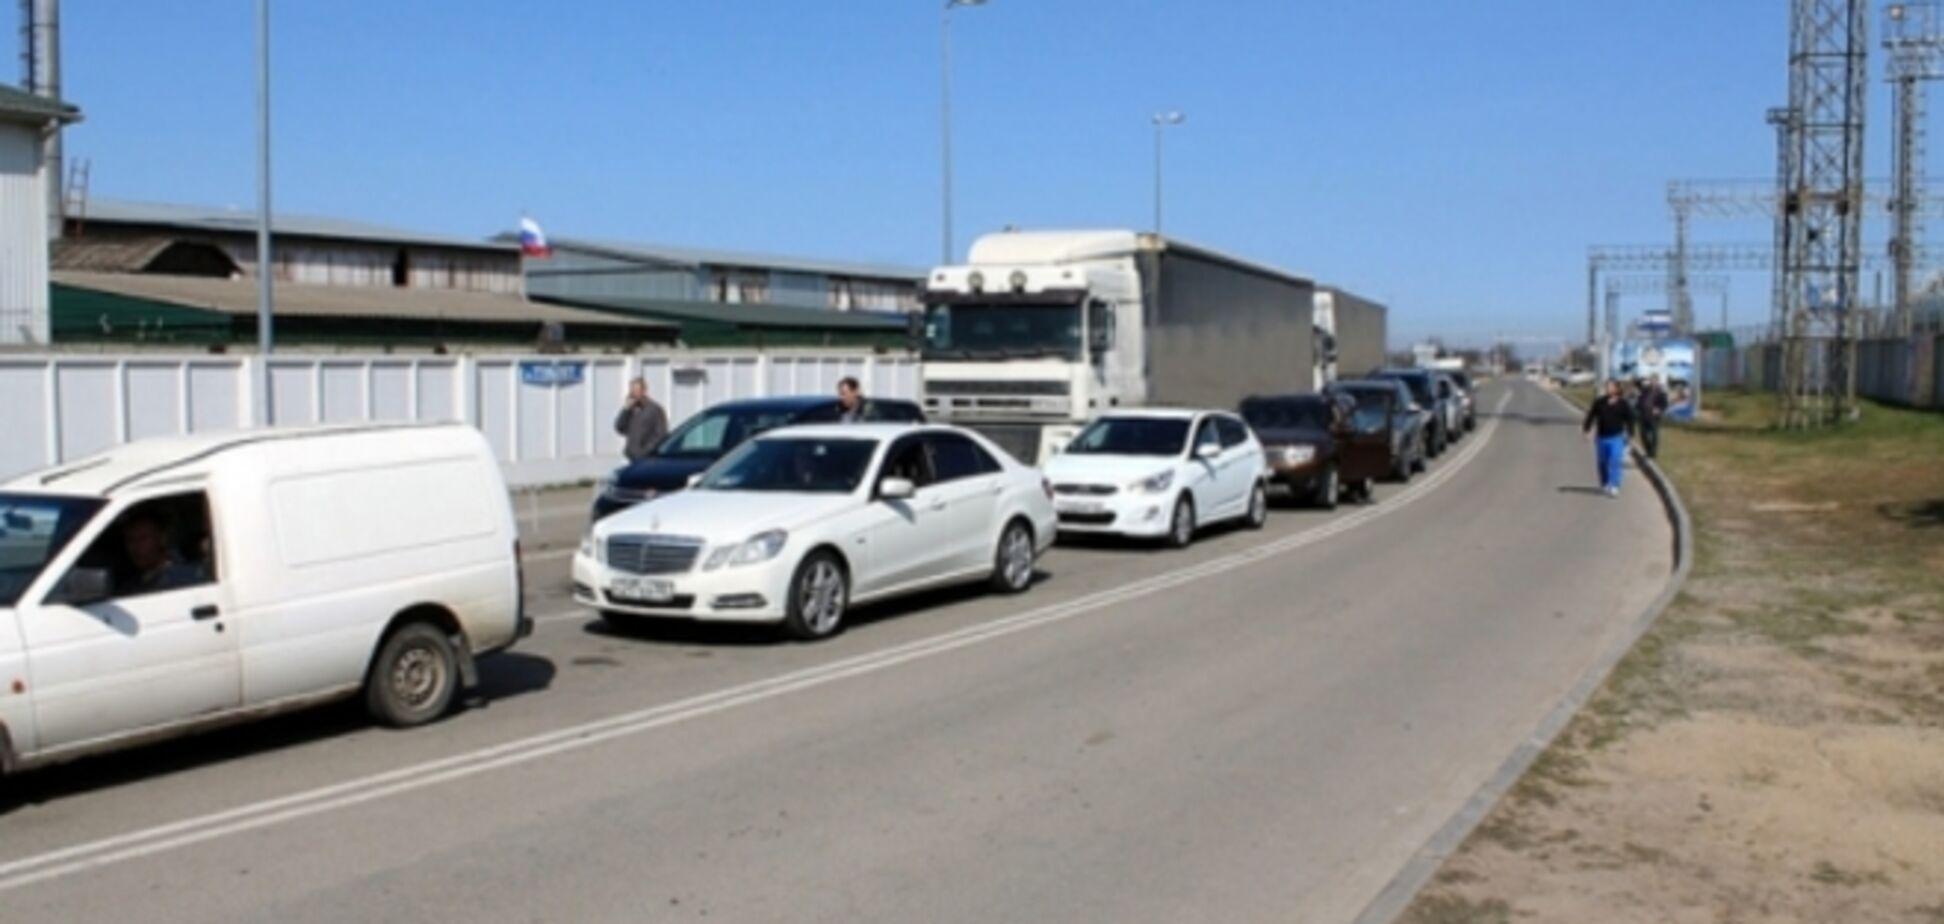 Желающие попасть в Крым через Керченский пролив стоят в очередях по 15 часов